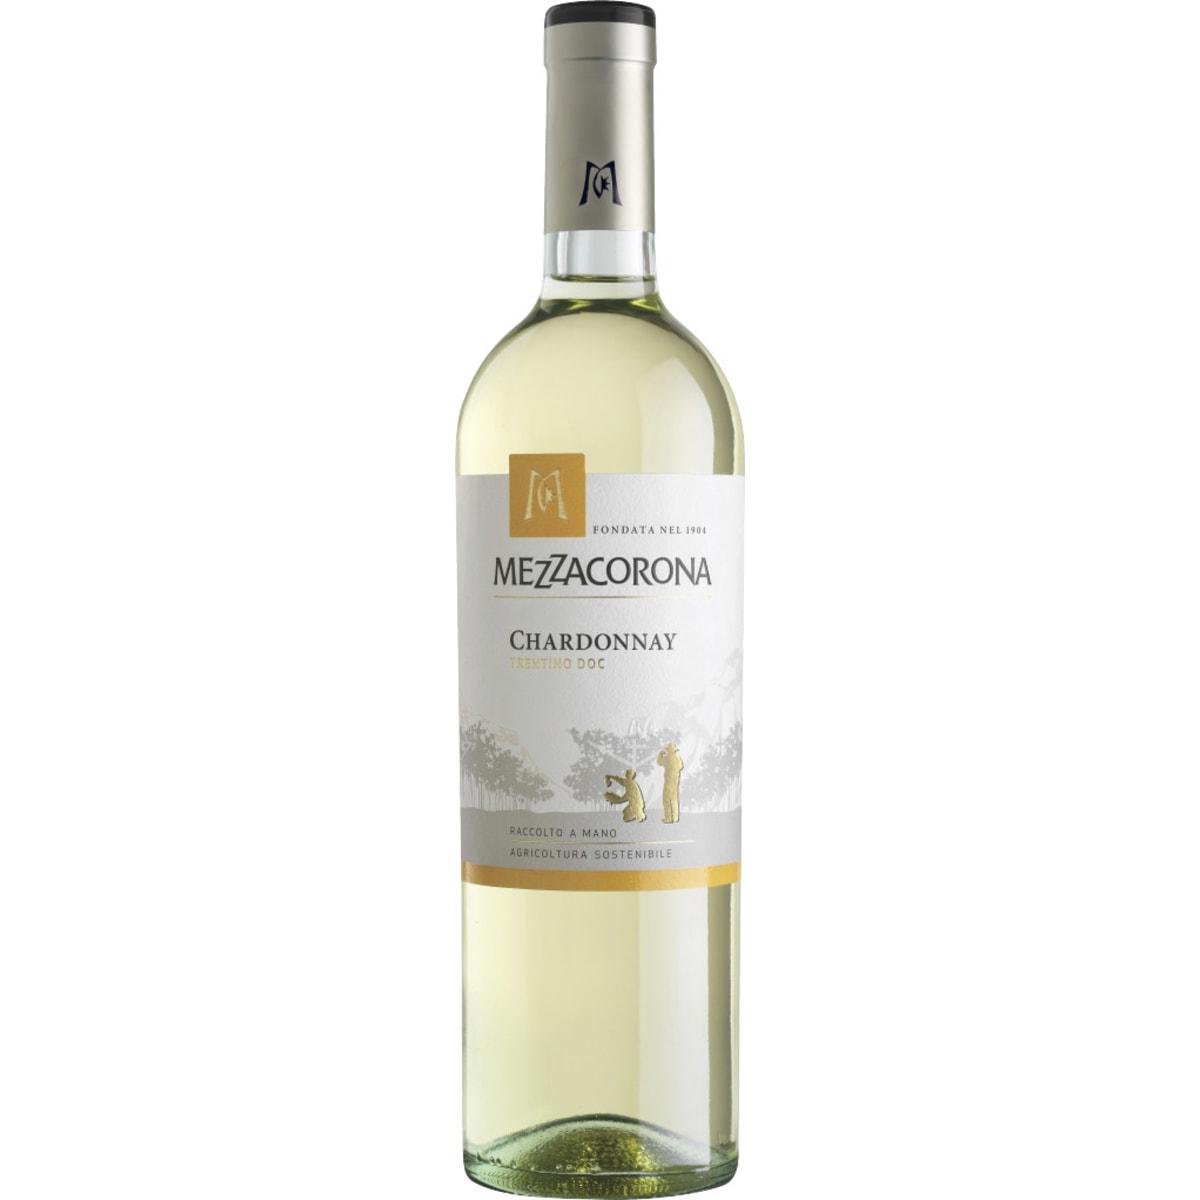 Mezzacorona Chardonnay Trentino DOC